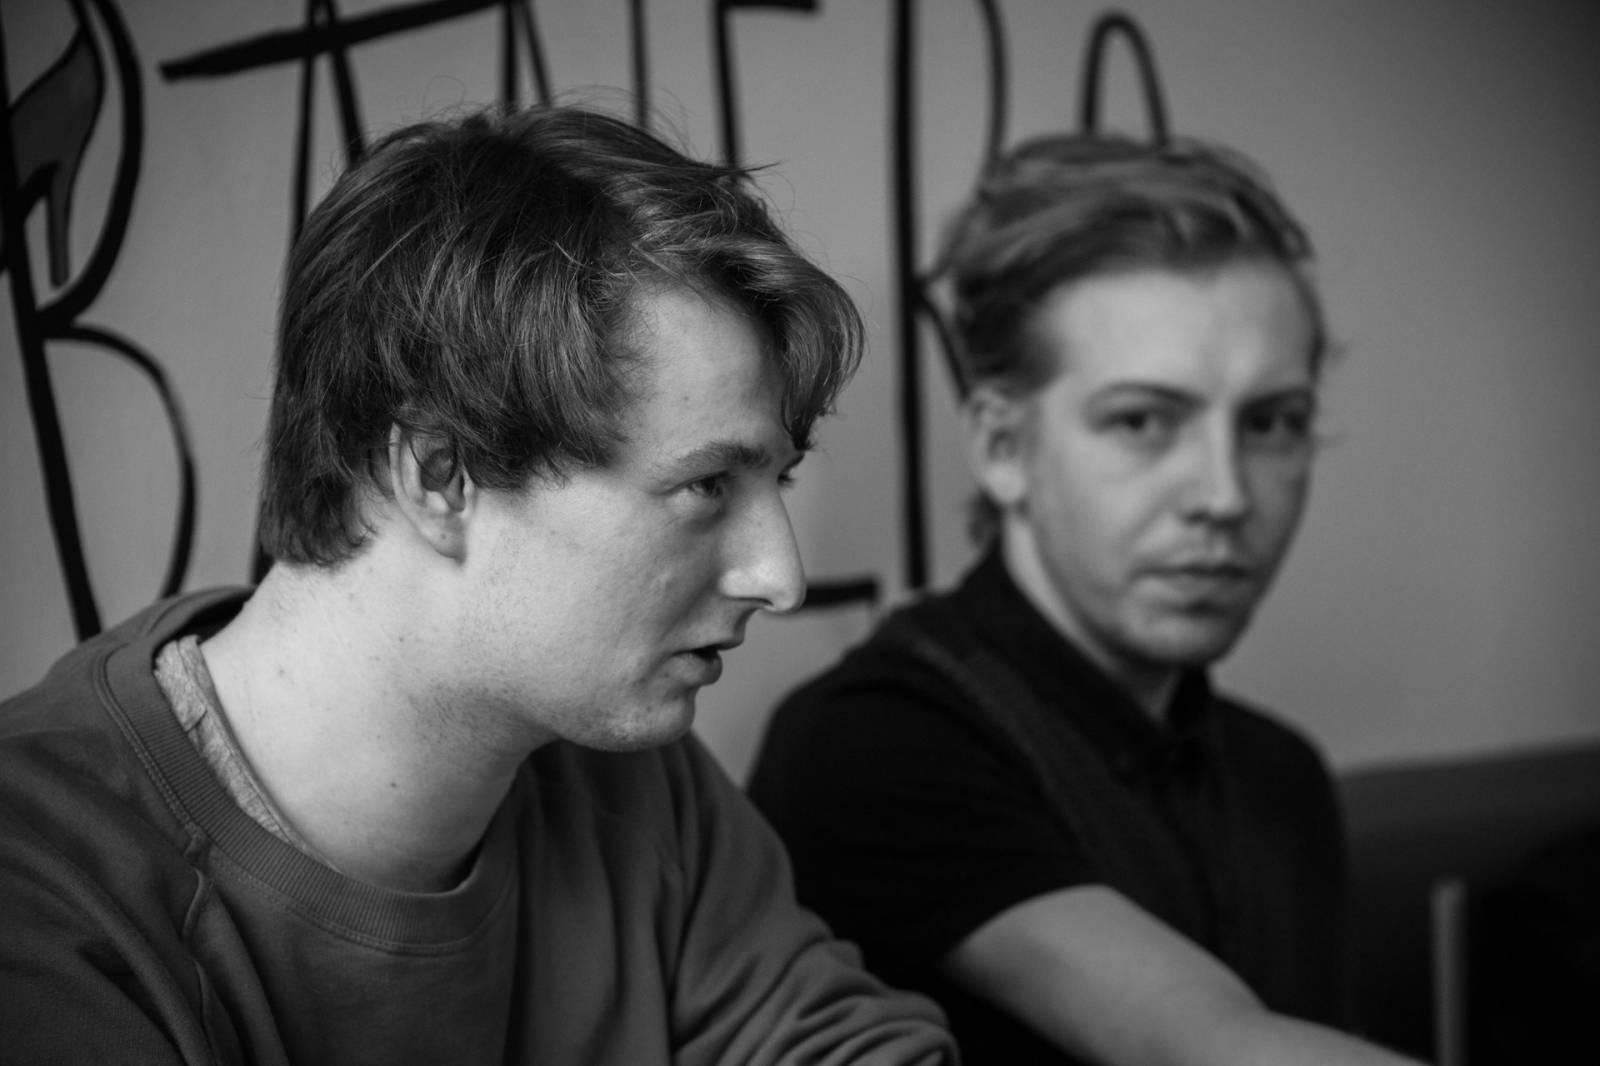 Ghost Of You interview: Přišli jsme do studia s prázdnýma rukama a za týden jsme odcházeli s natočeným albem